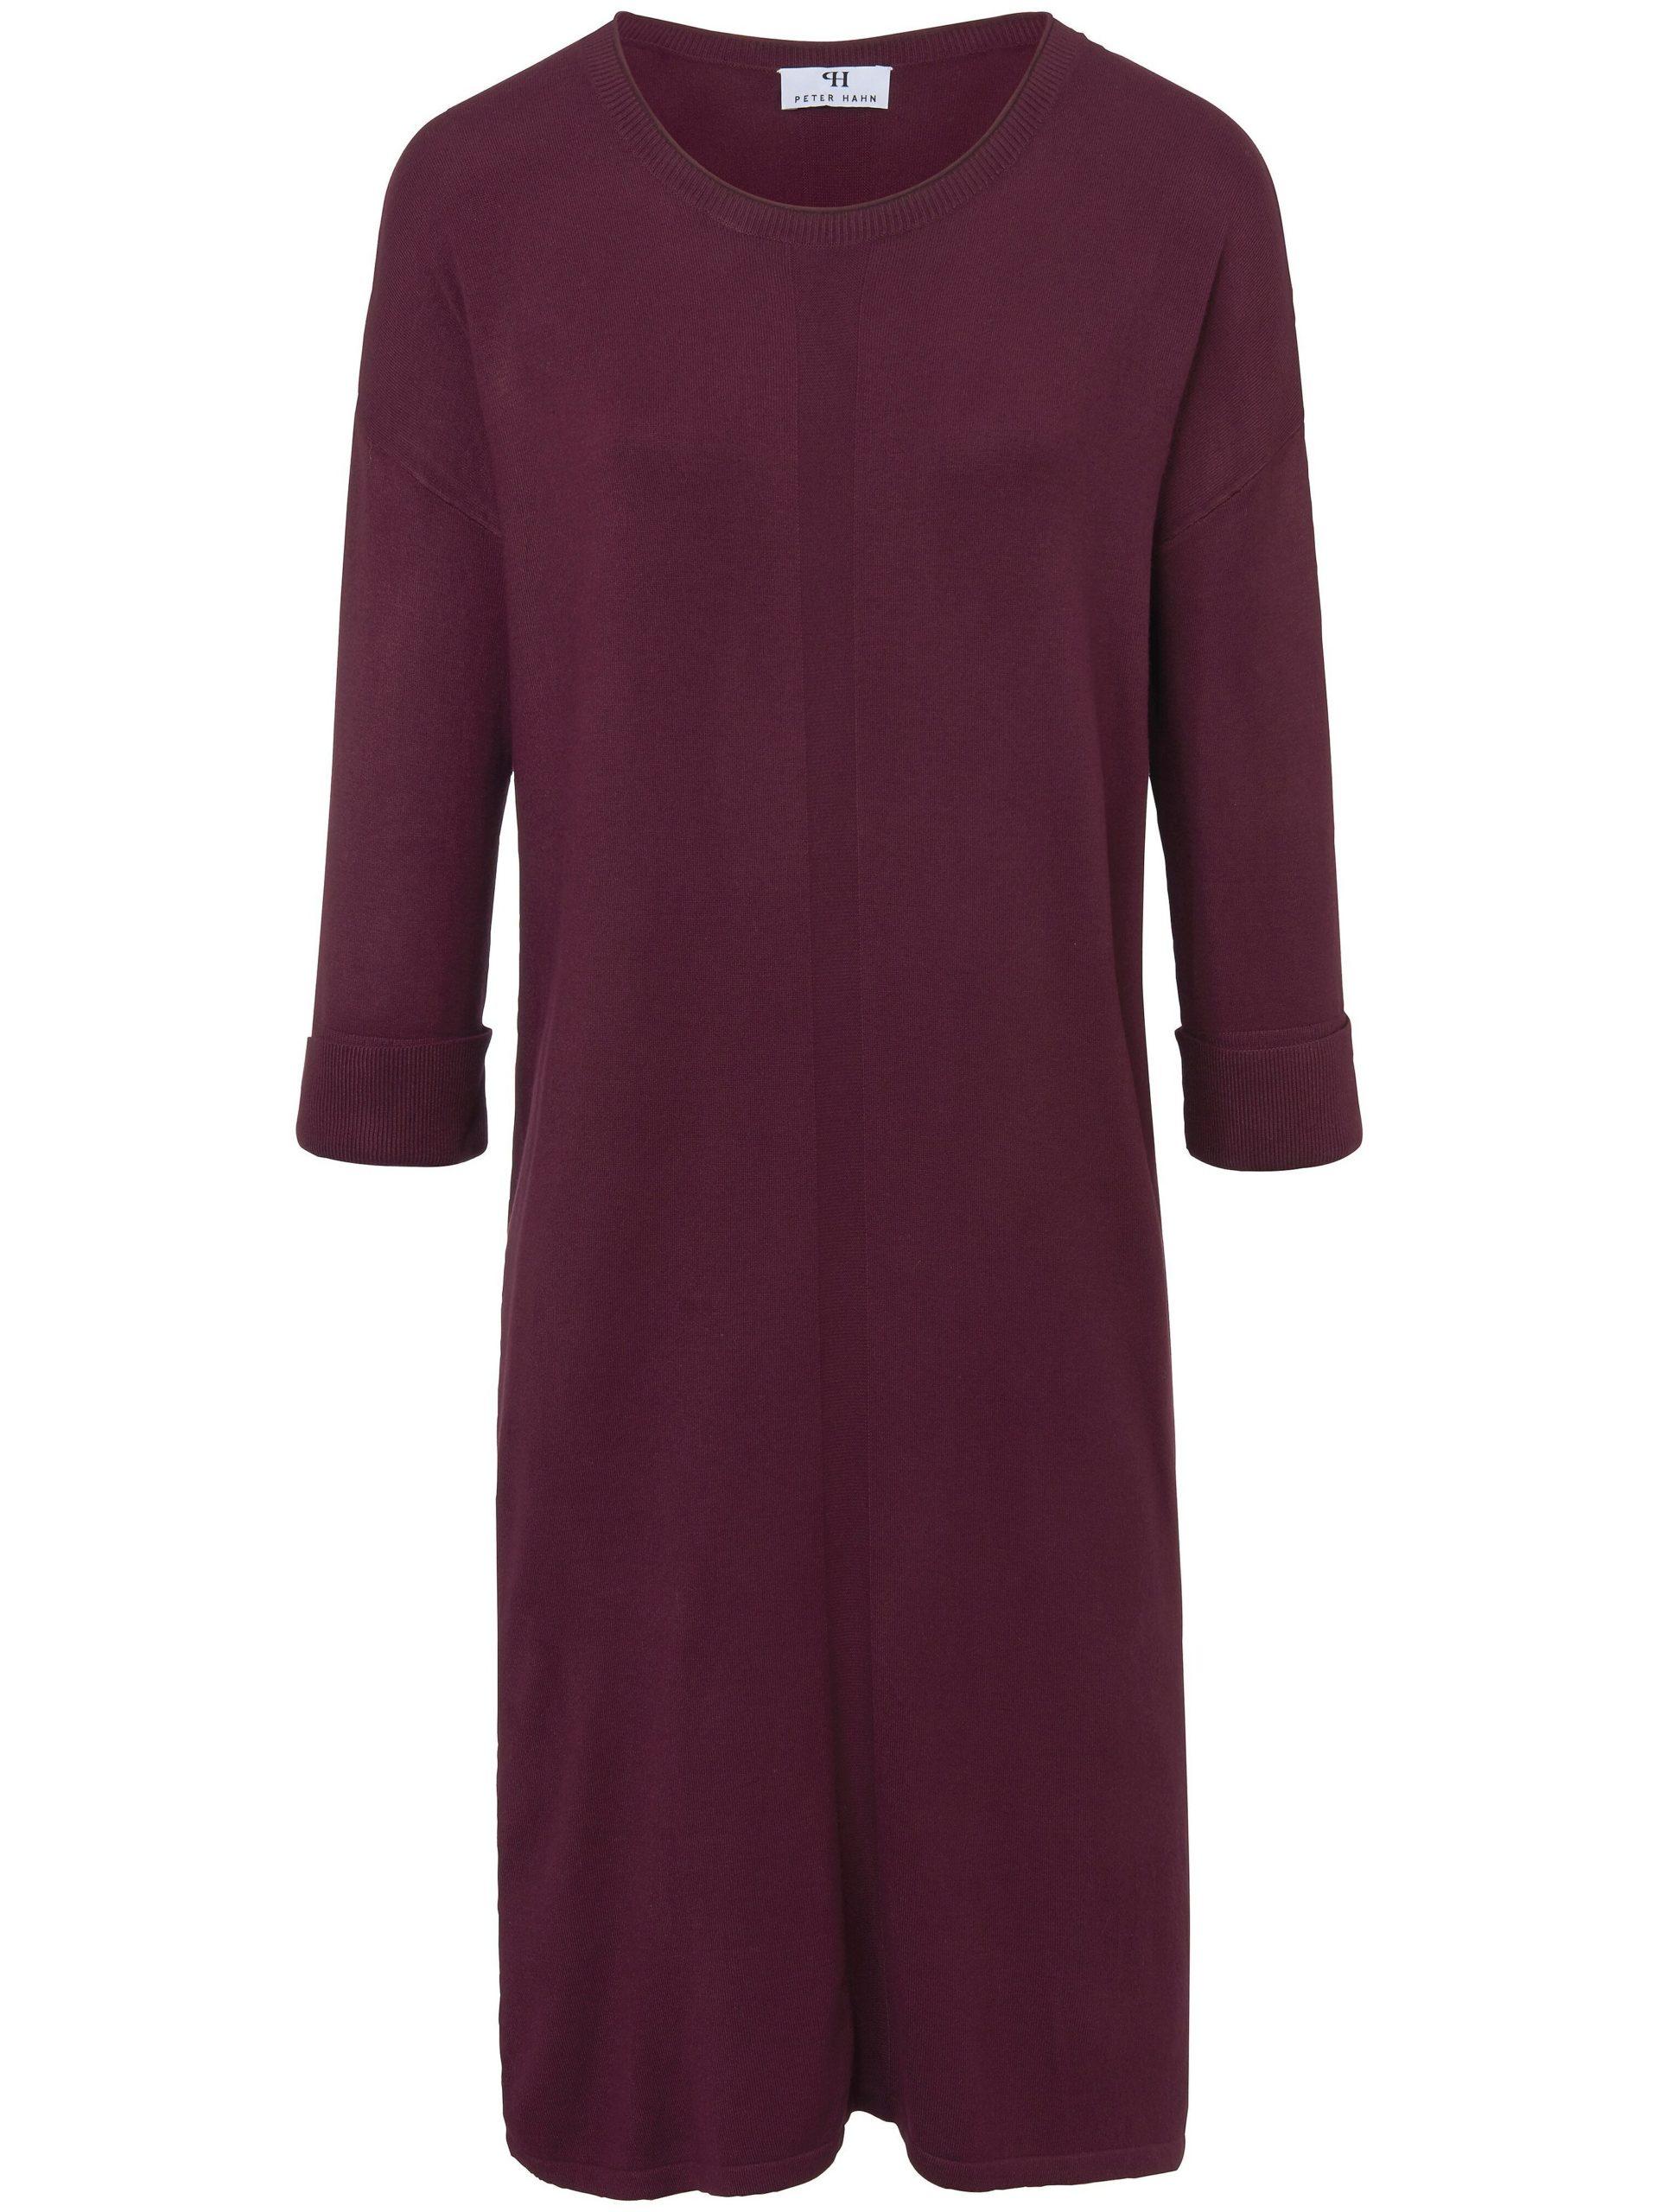 Gebreide jurk met 3/4-mouwen Van Peter Hahn rood Kopen